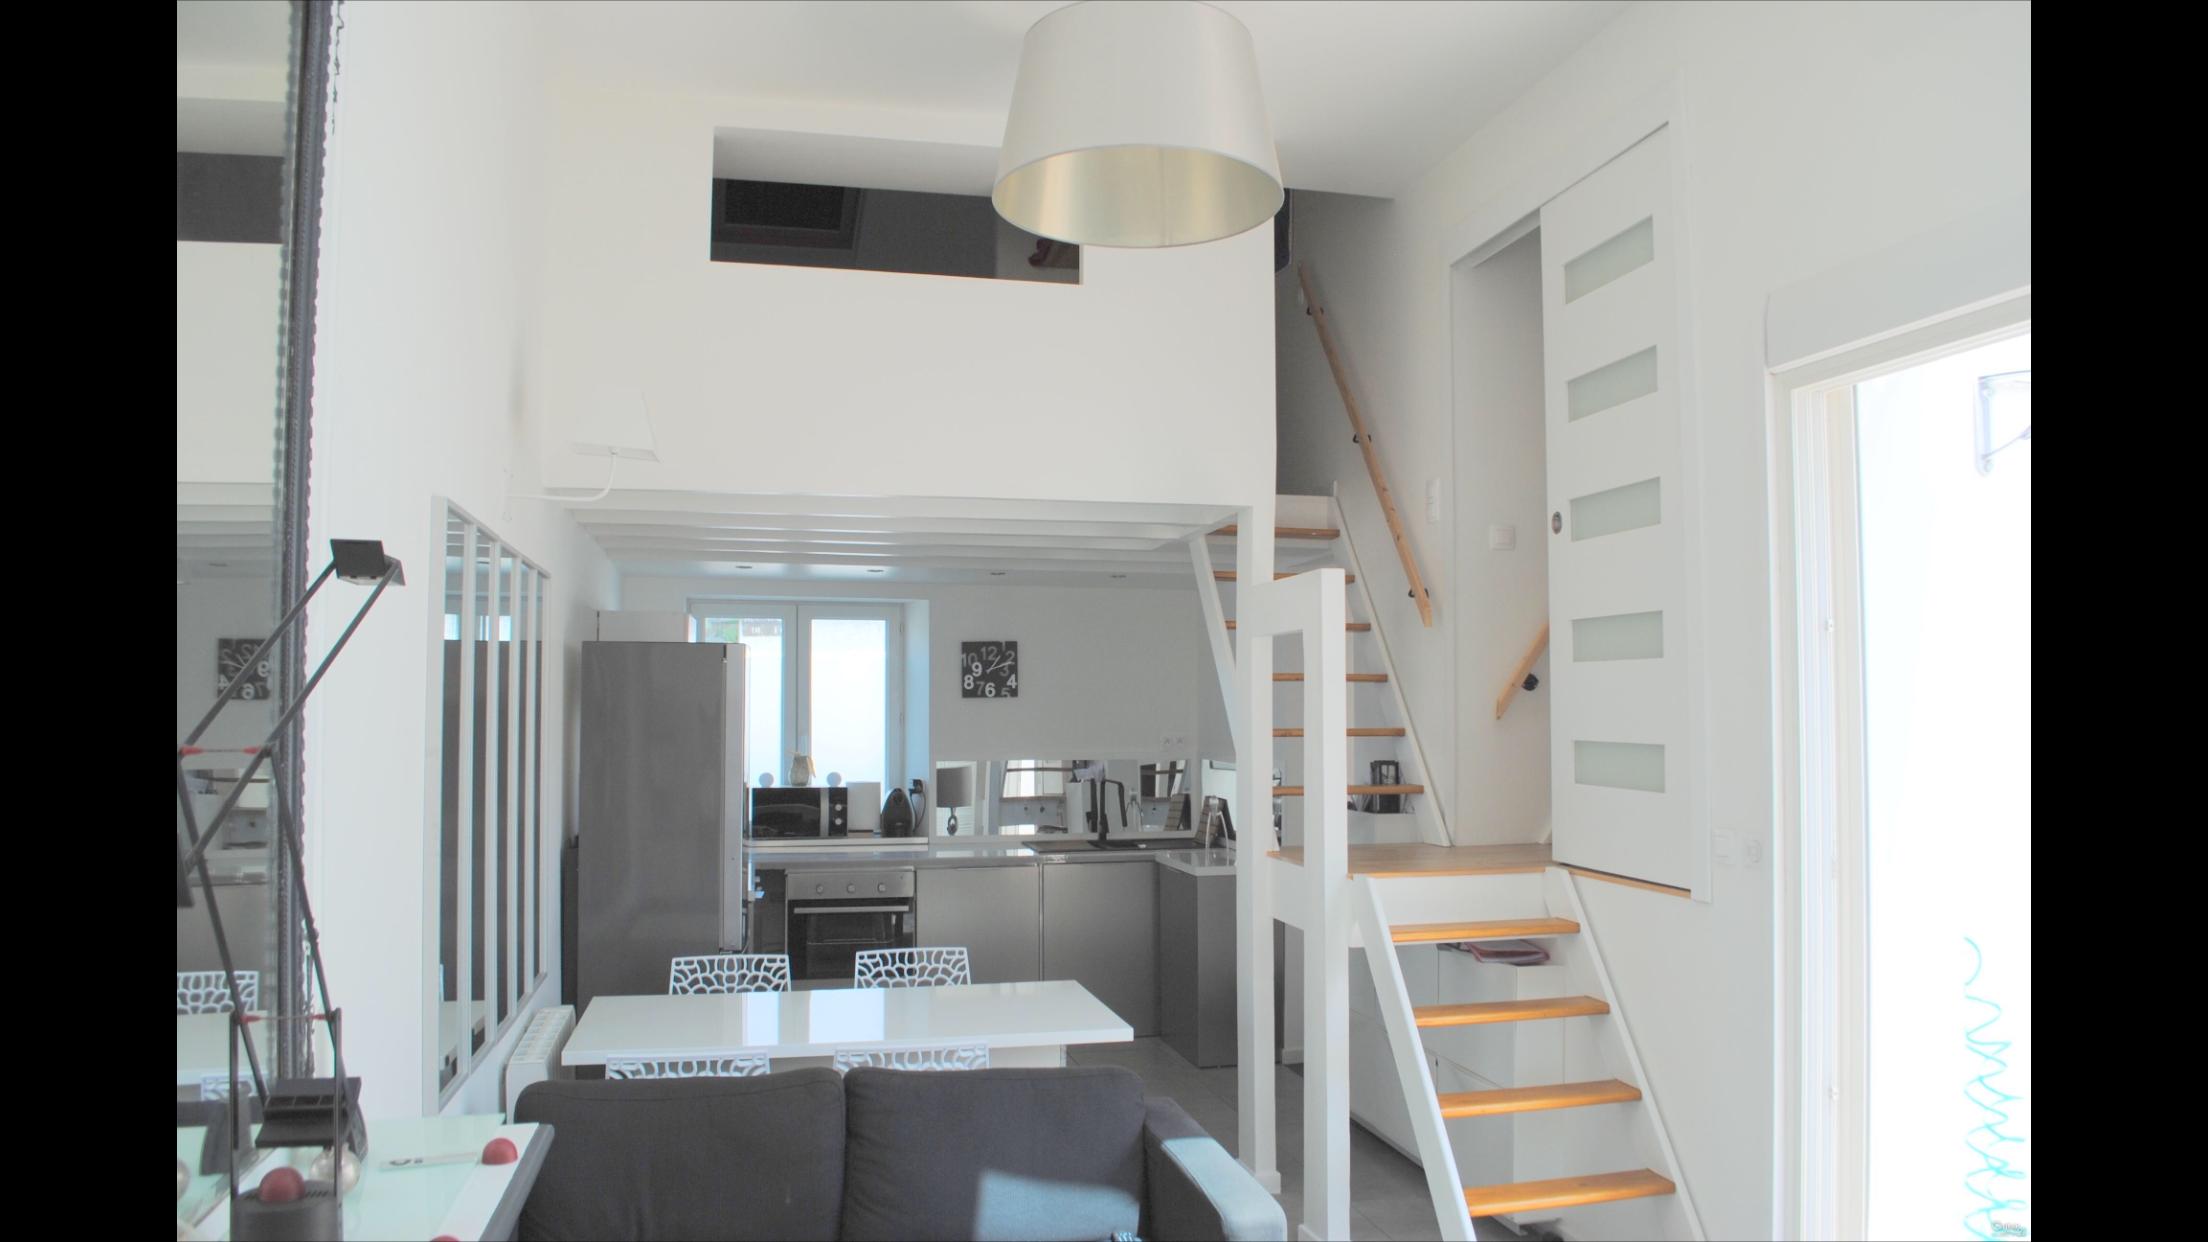 Maison de centre-ville en duplex 60m² - BASSIN ARCACHON  - 1km DU PORT DE LA TESTE DE BUCH